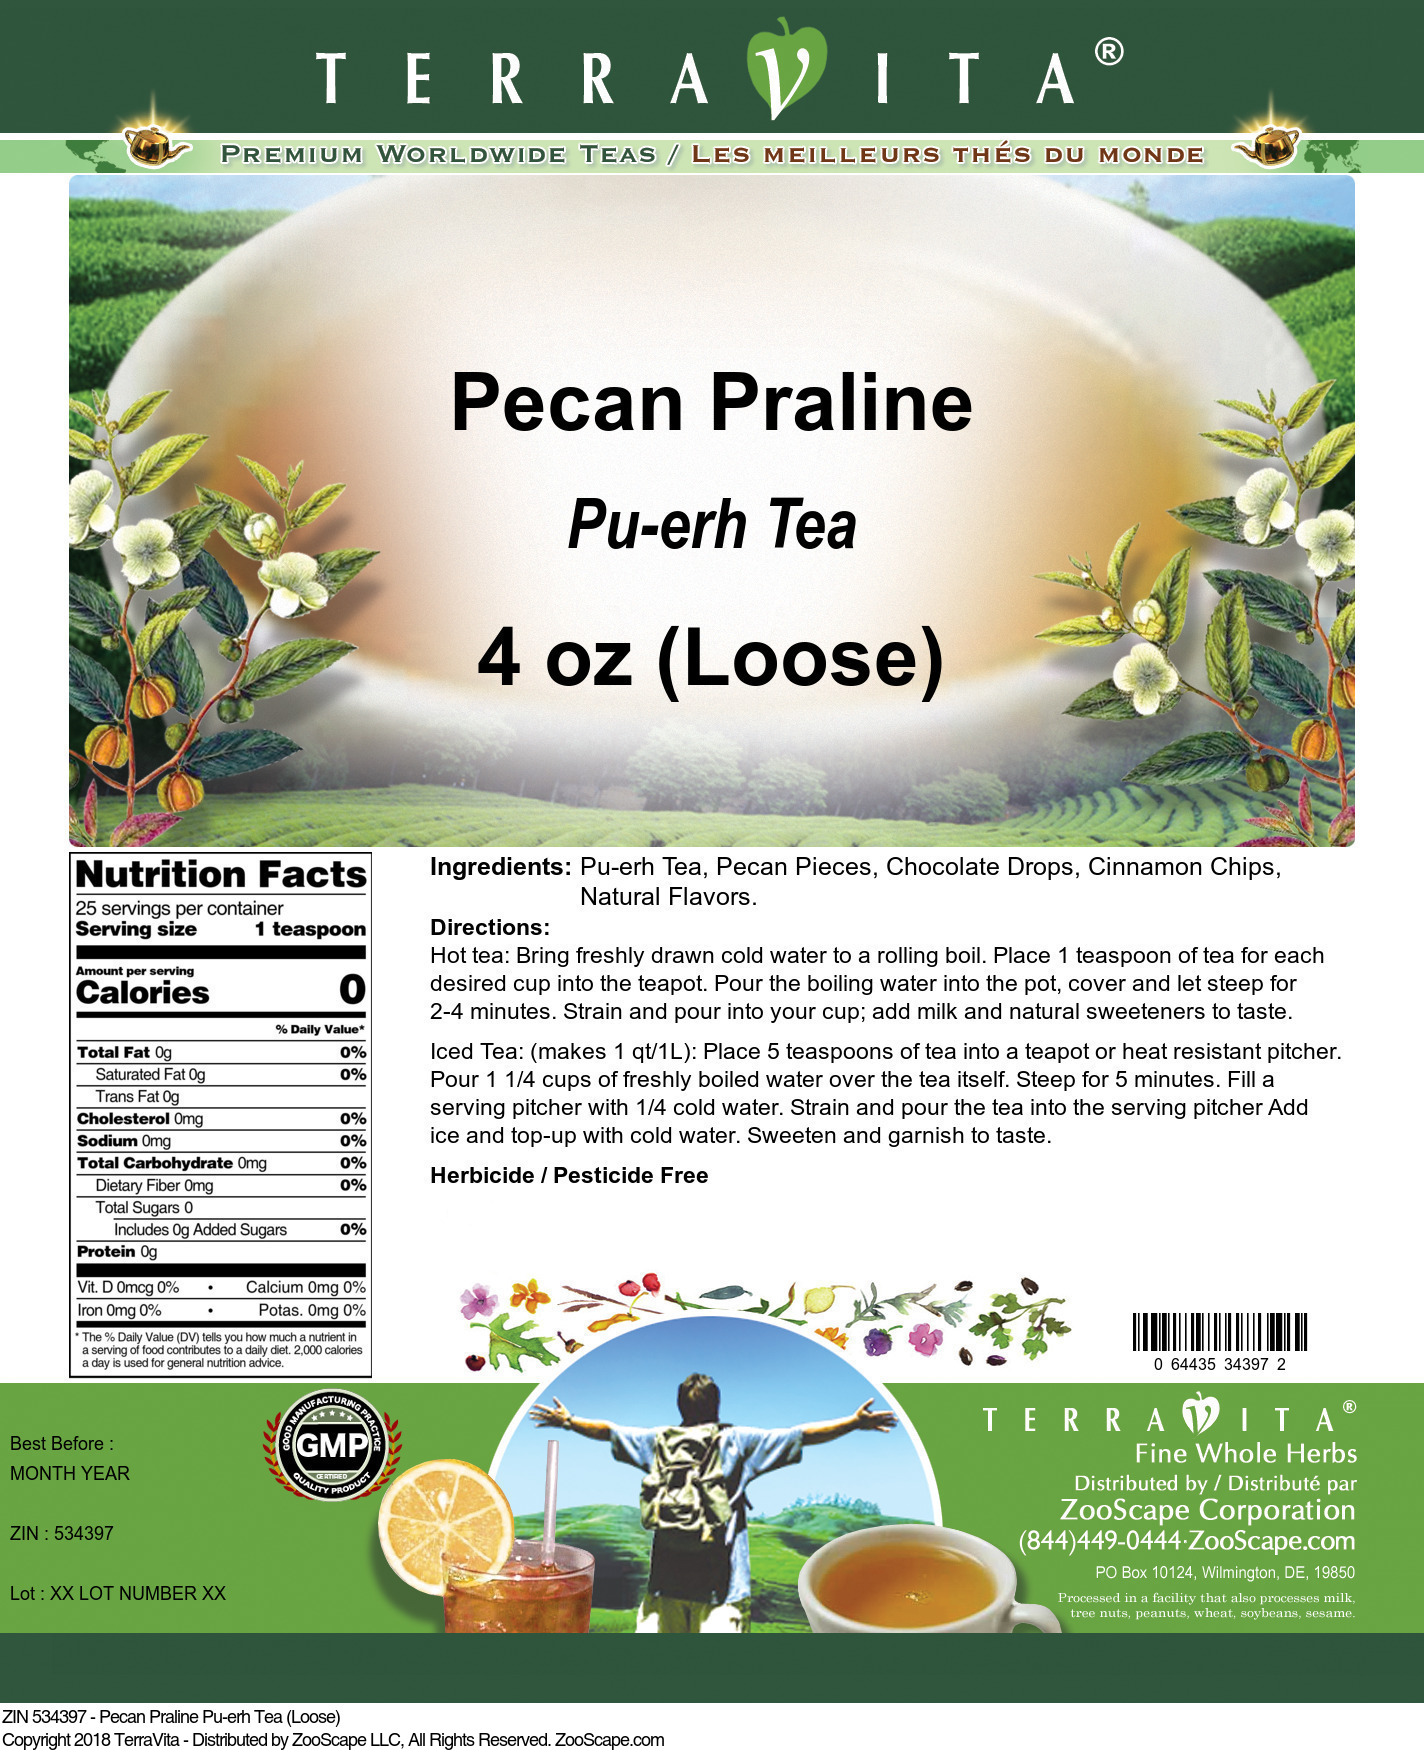 Pecan Praline Pu-erh Tea (Loose)